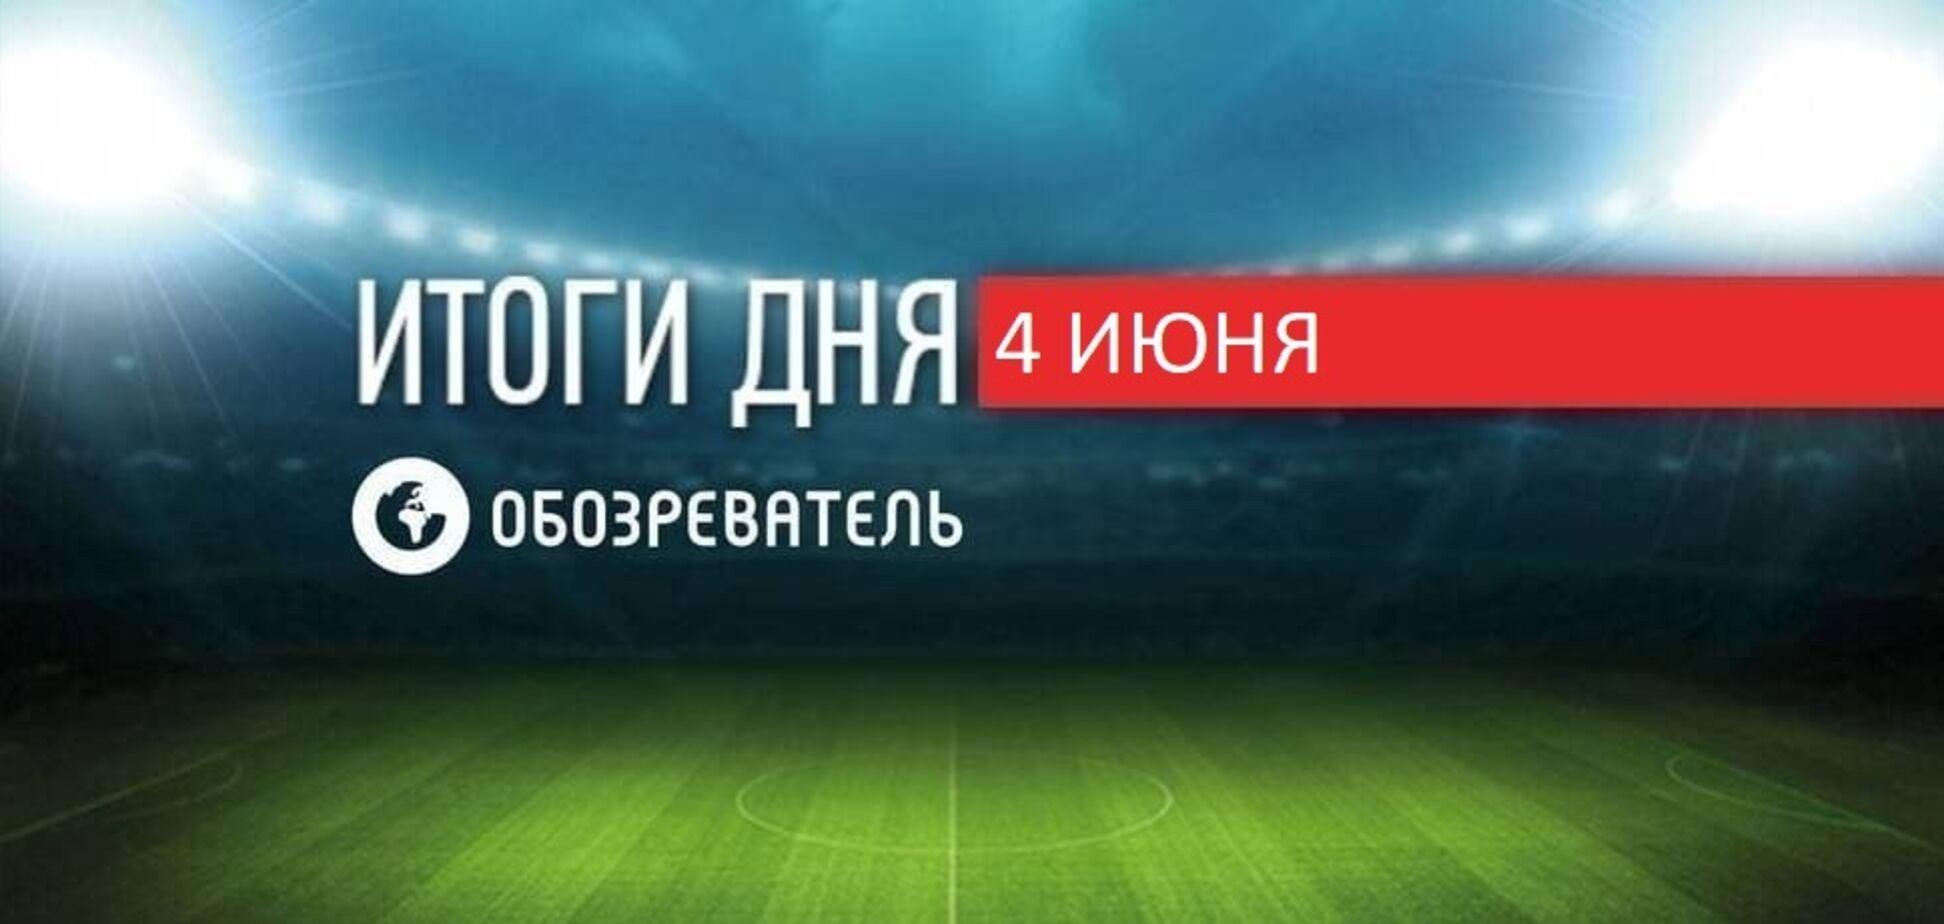 Новини спорту 4 червня: Ребров залишив 'Ференцварош', у команді Джошуа зробили заяву про бій з Усиком